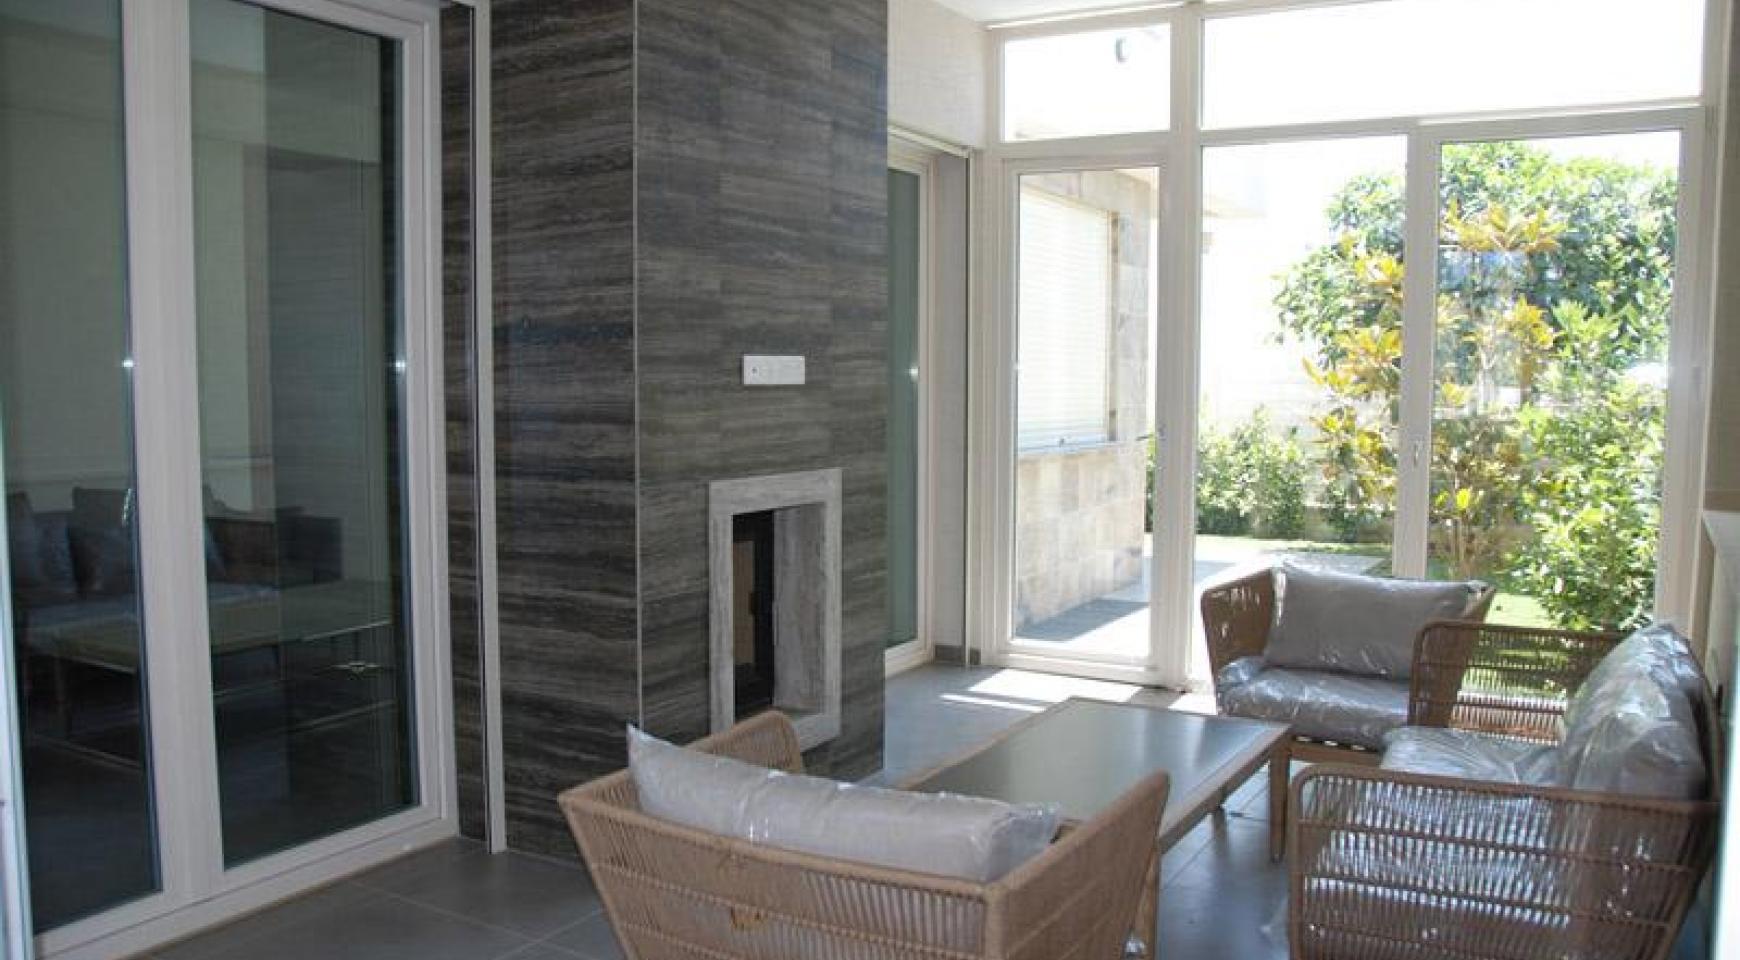 Luxurious 4 Bedroom Villa in a Prestigious Complex near the Sea - 8